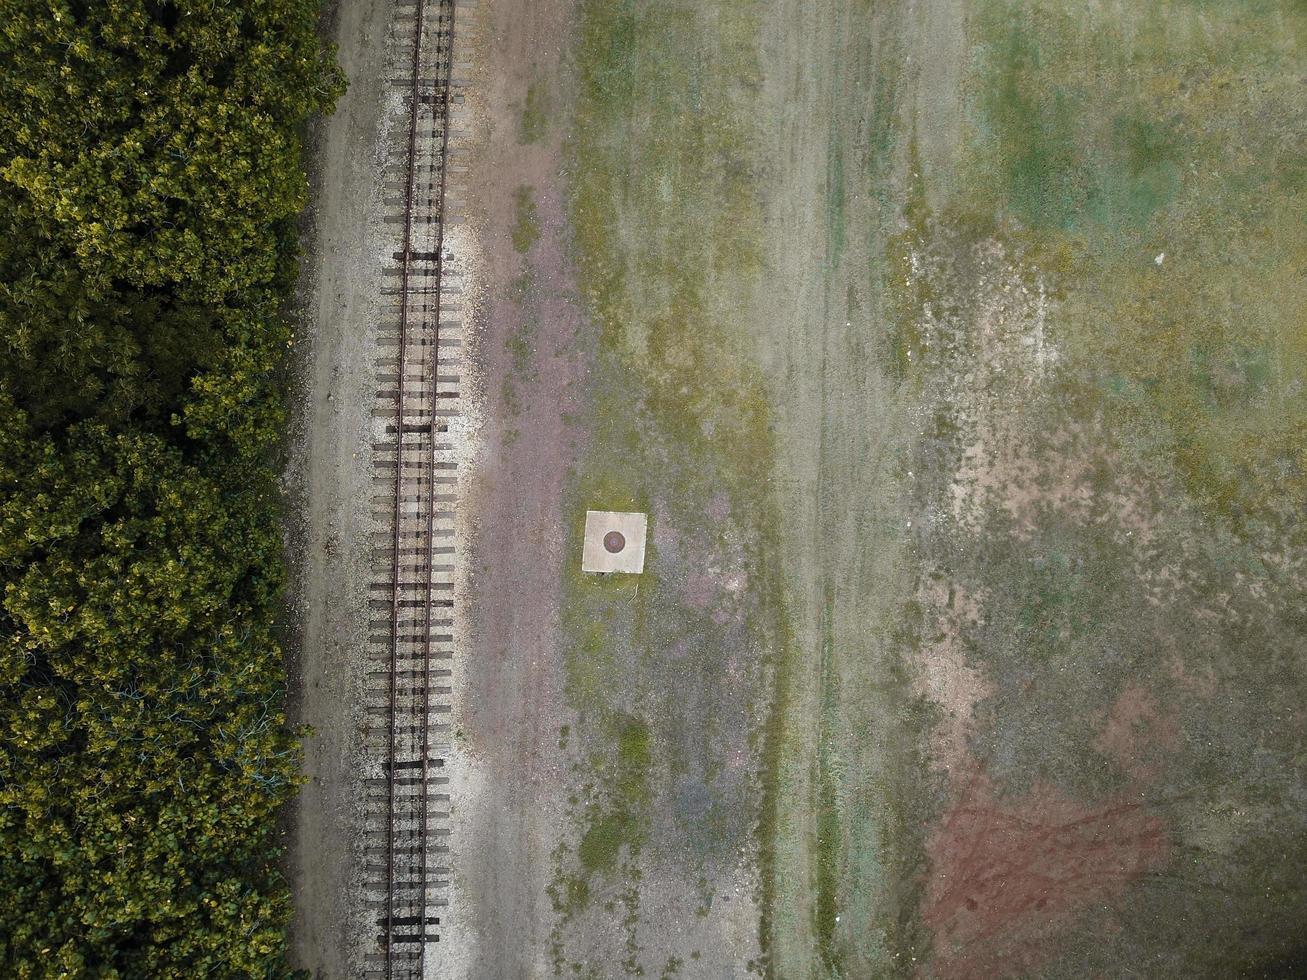 Luftaufnahme von Bahngleisen foto